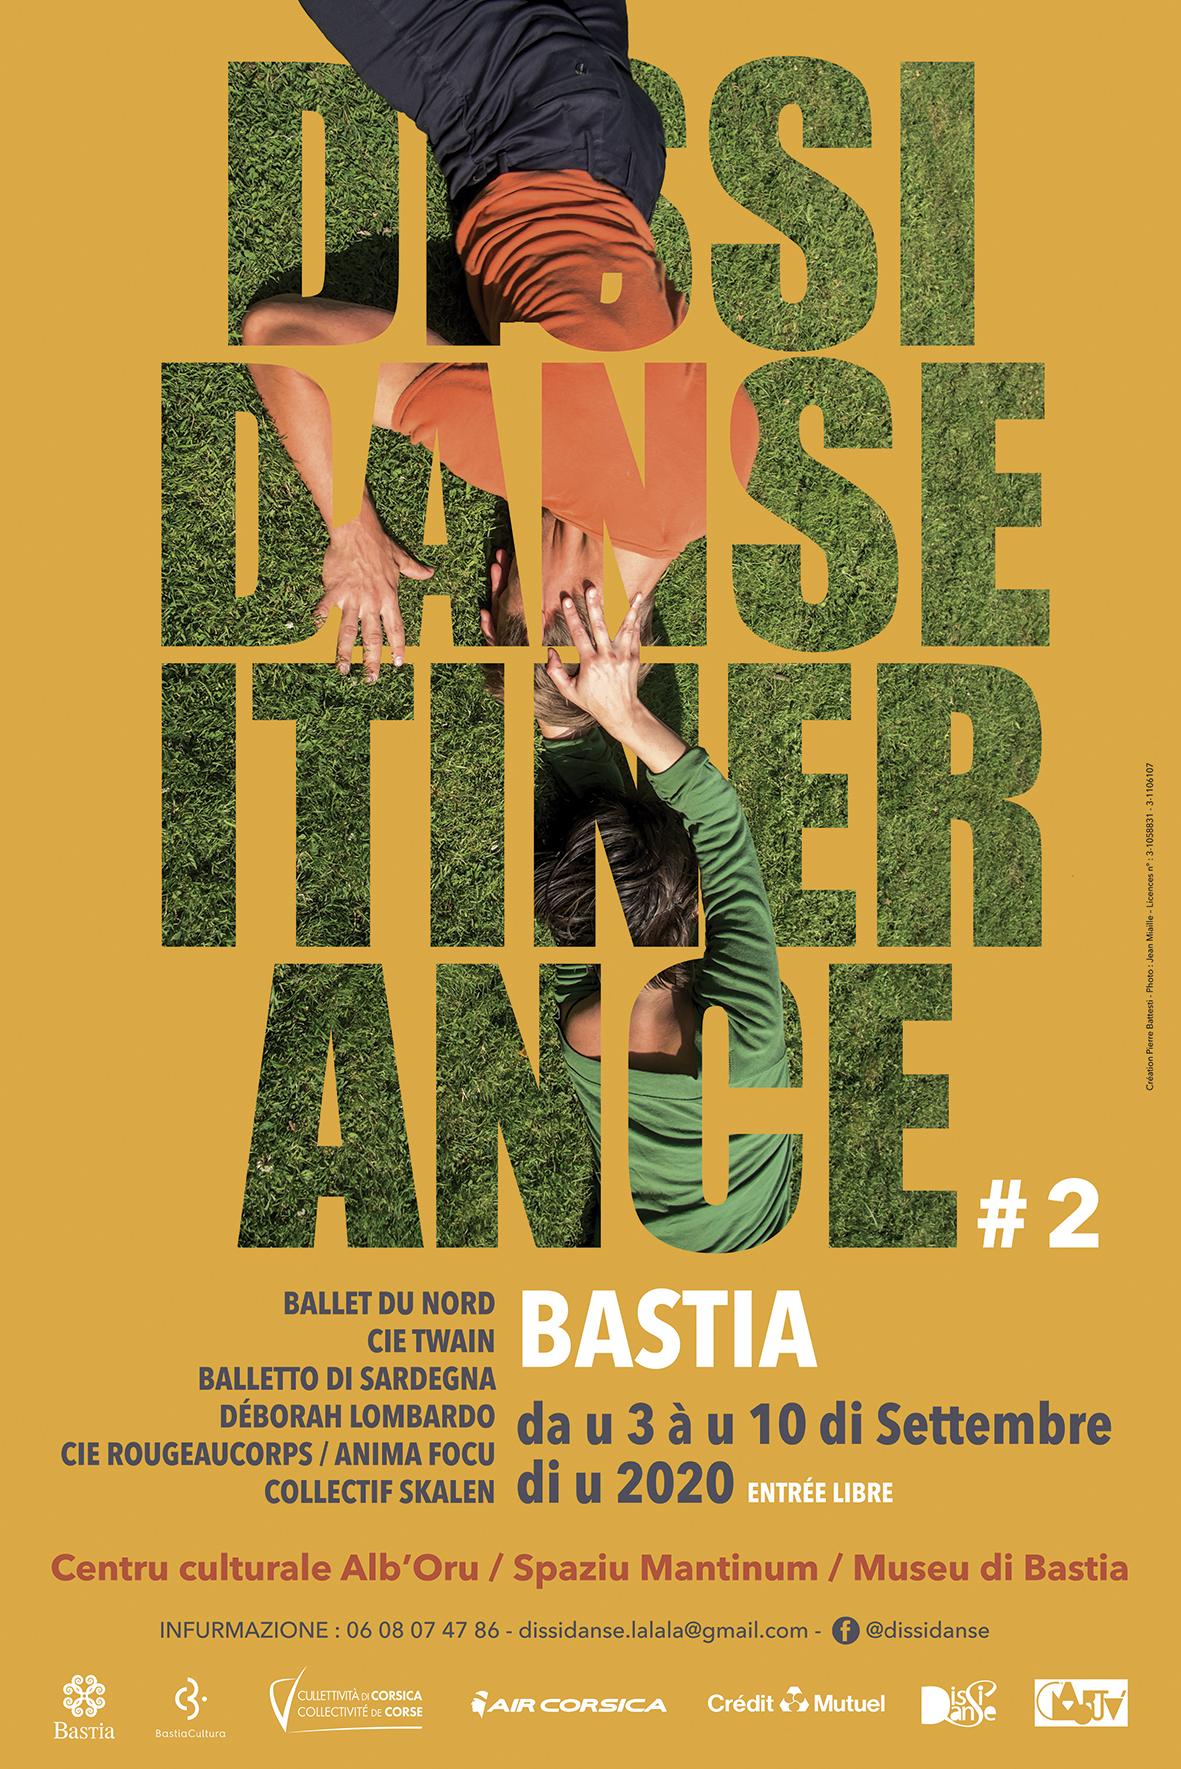 Ouverture ce mercredi à Bastia du Festival «Dissidanse Itinérance #2 »